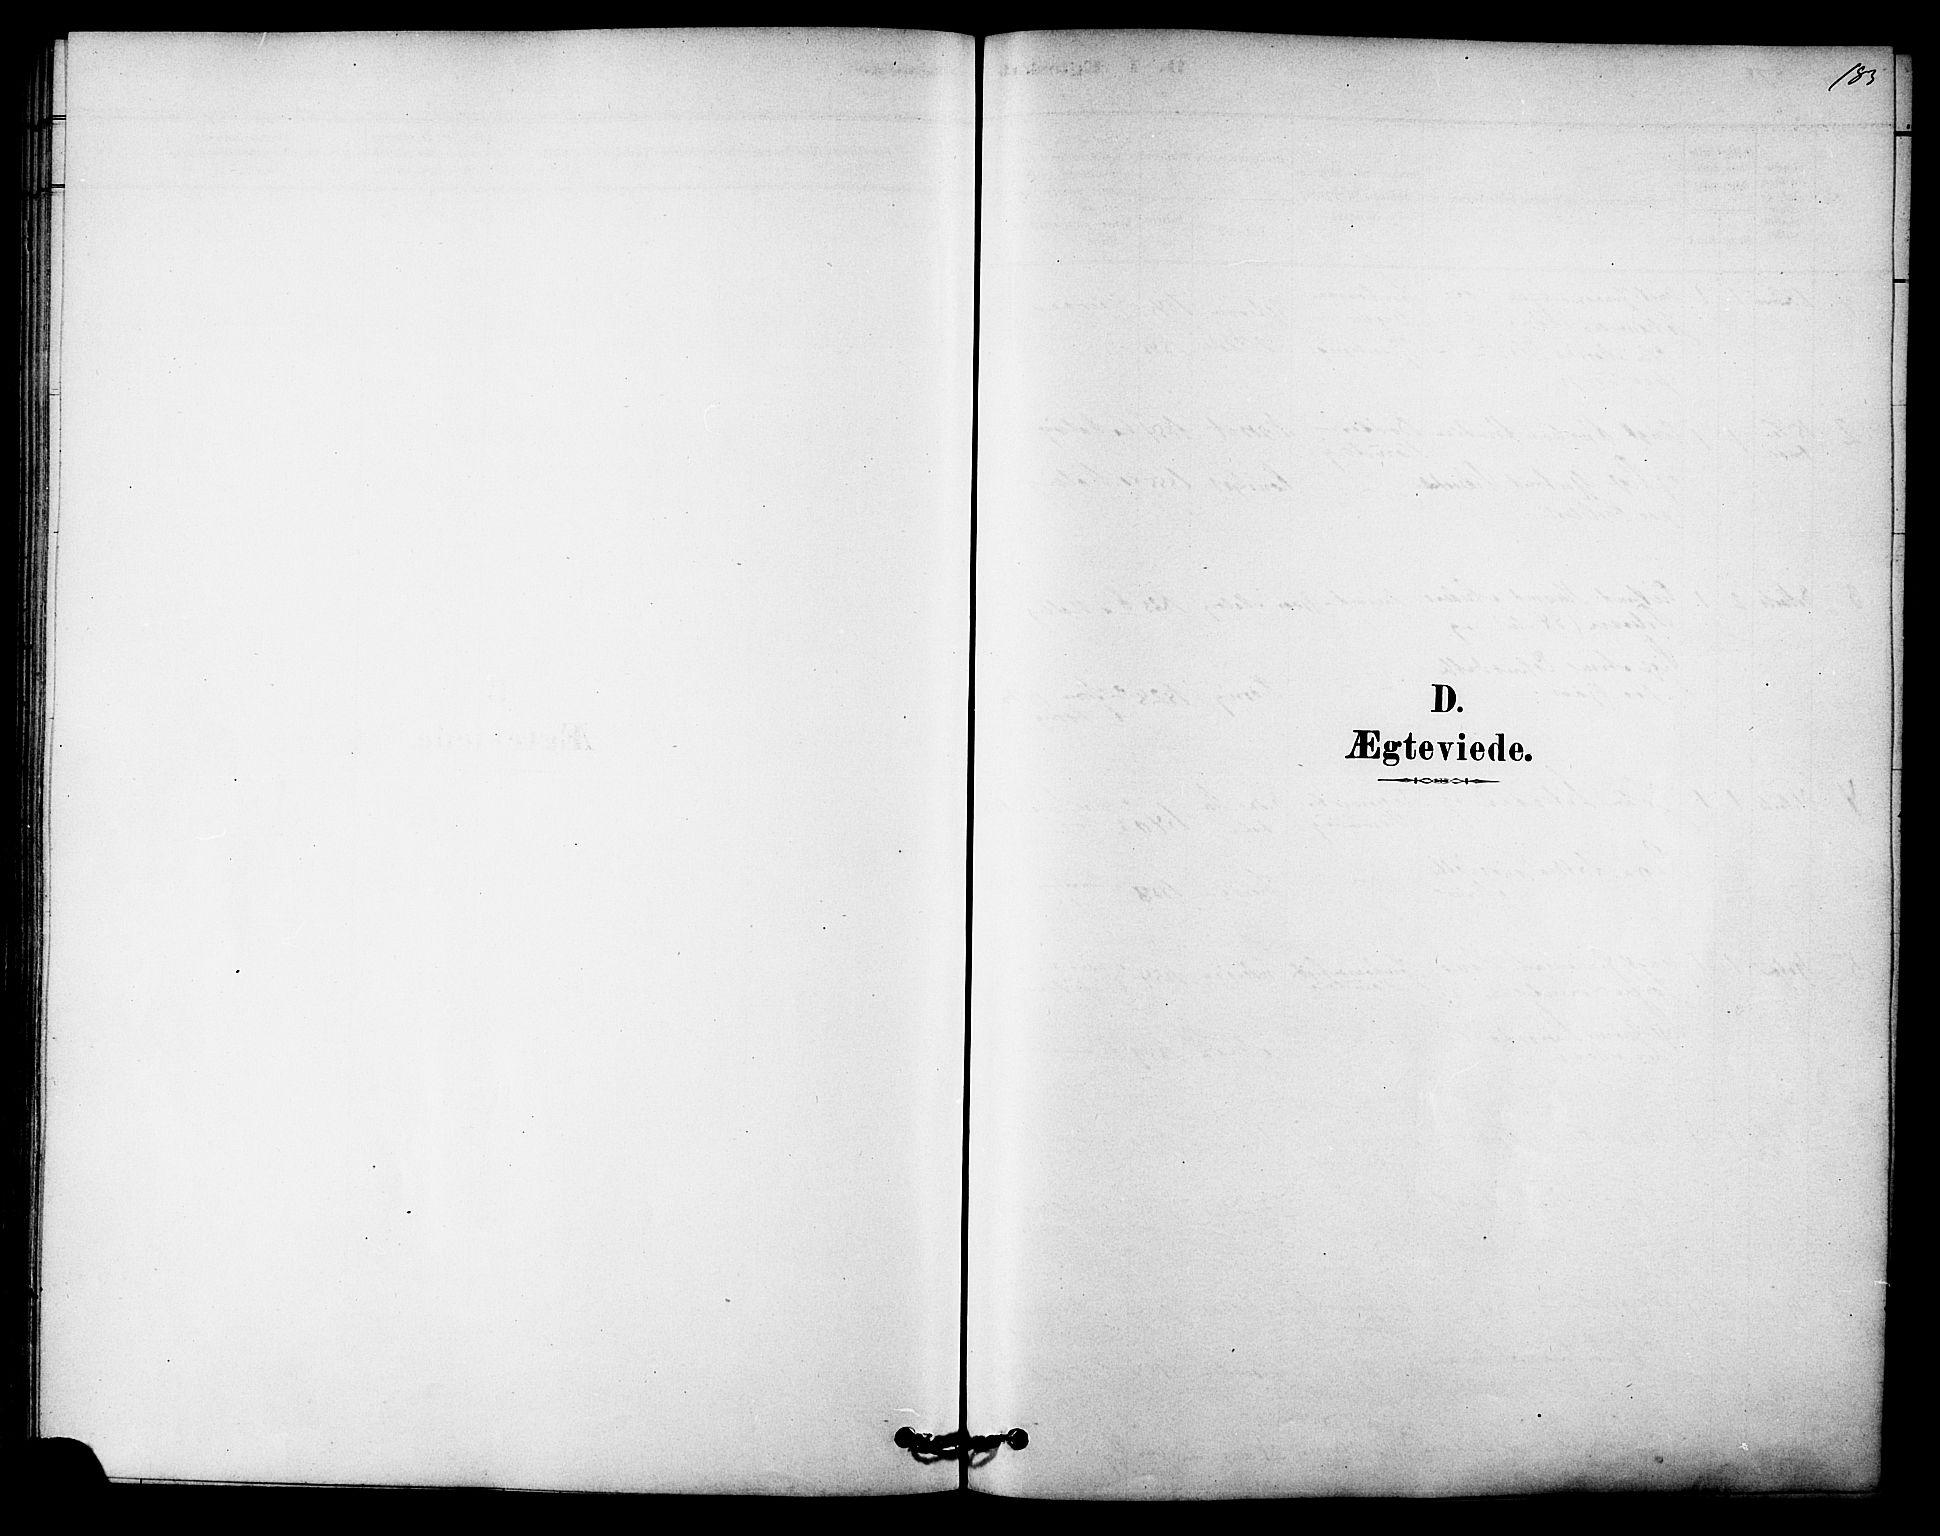 SAT, Ministerialprotokoller, klokkerbøker og fødselsregistre - Sør-Trøndelag, 616/L0410: Ministerialbok nr. 616A07, 1878-1893, s. 183